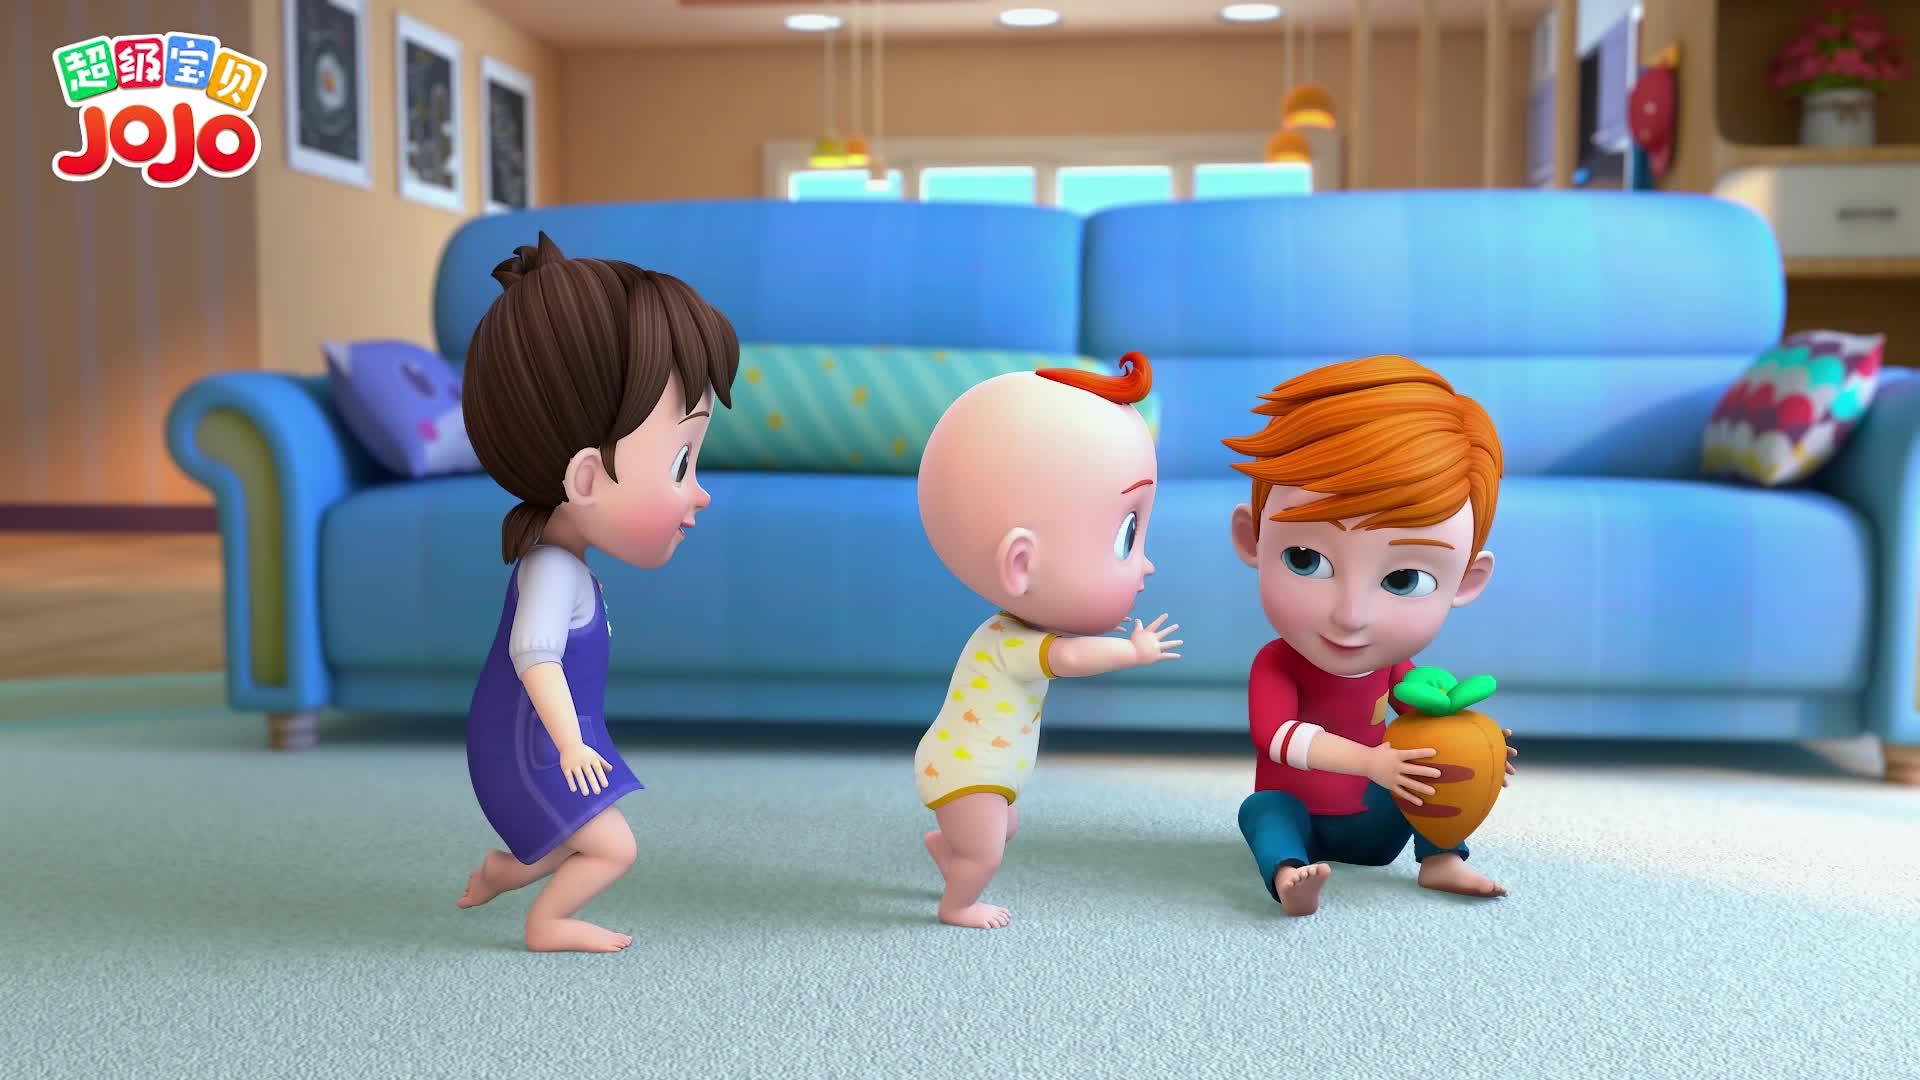 超级宝贝JOJO 第4集 我们来照顾弟弟